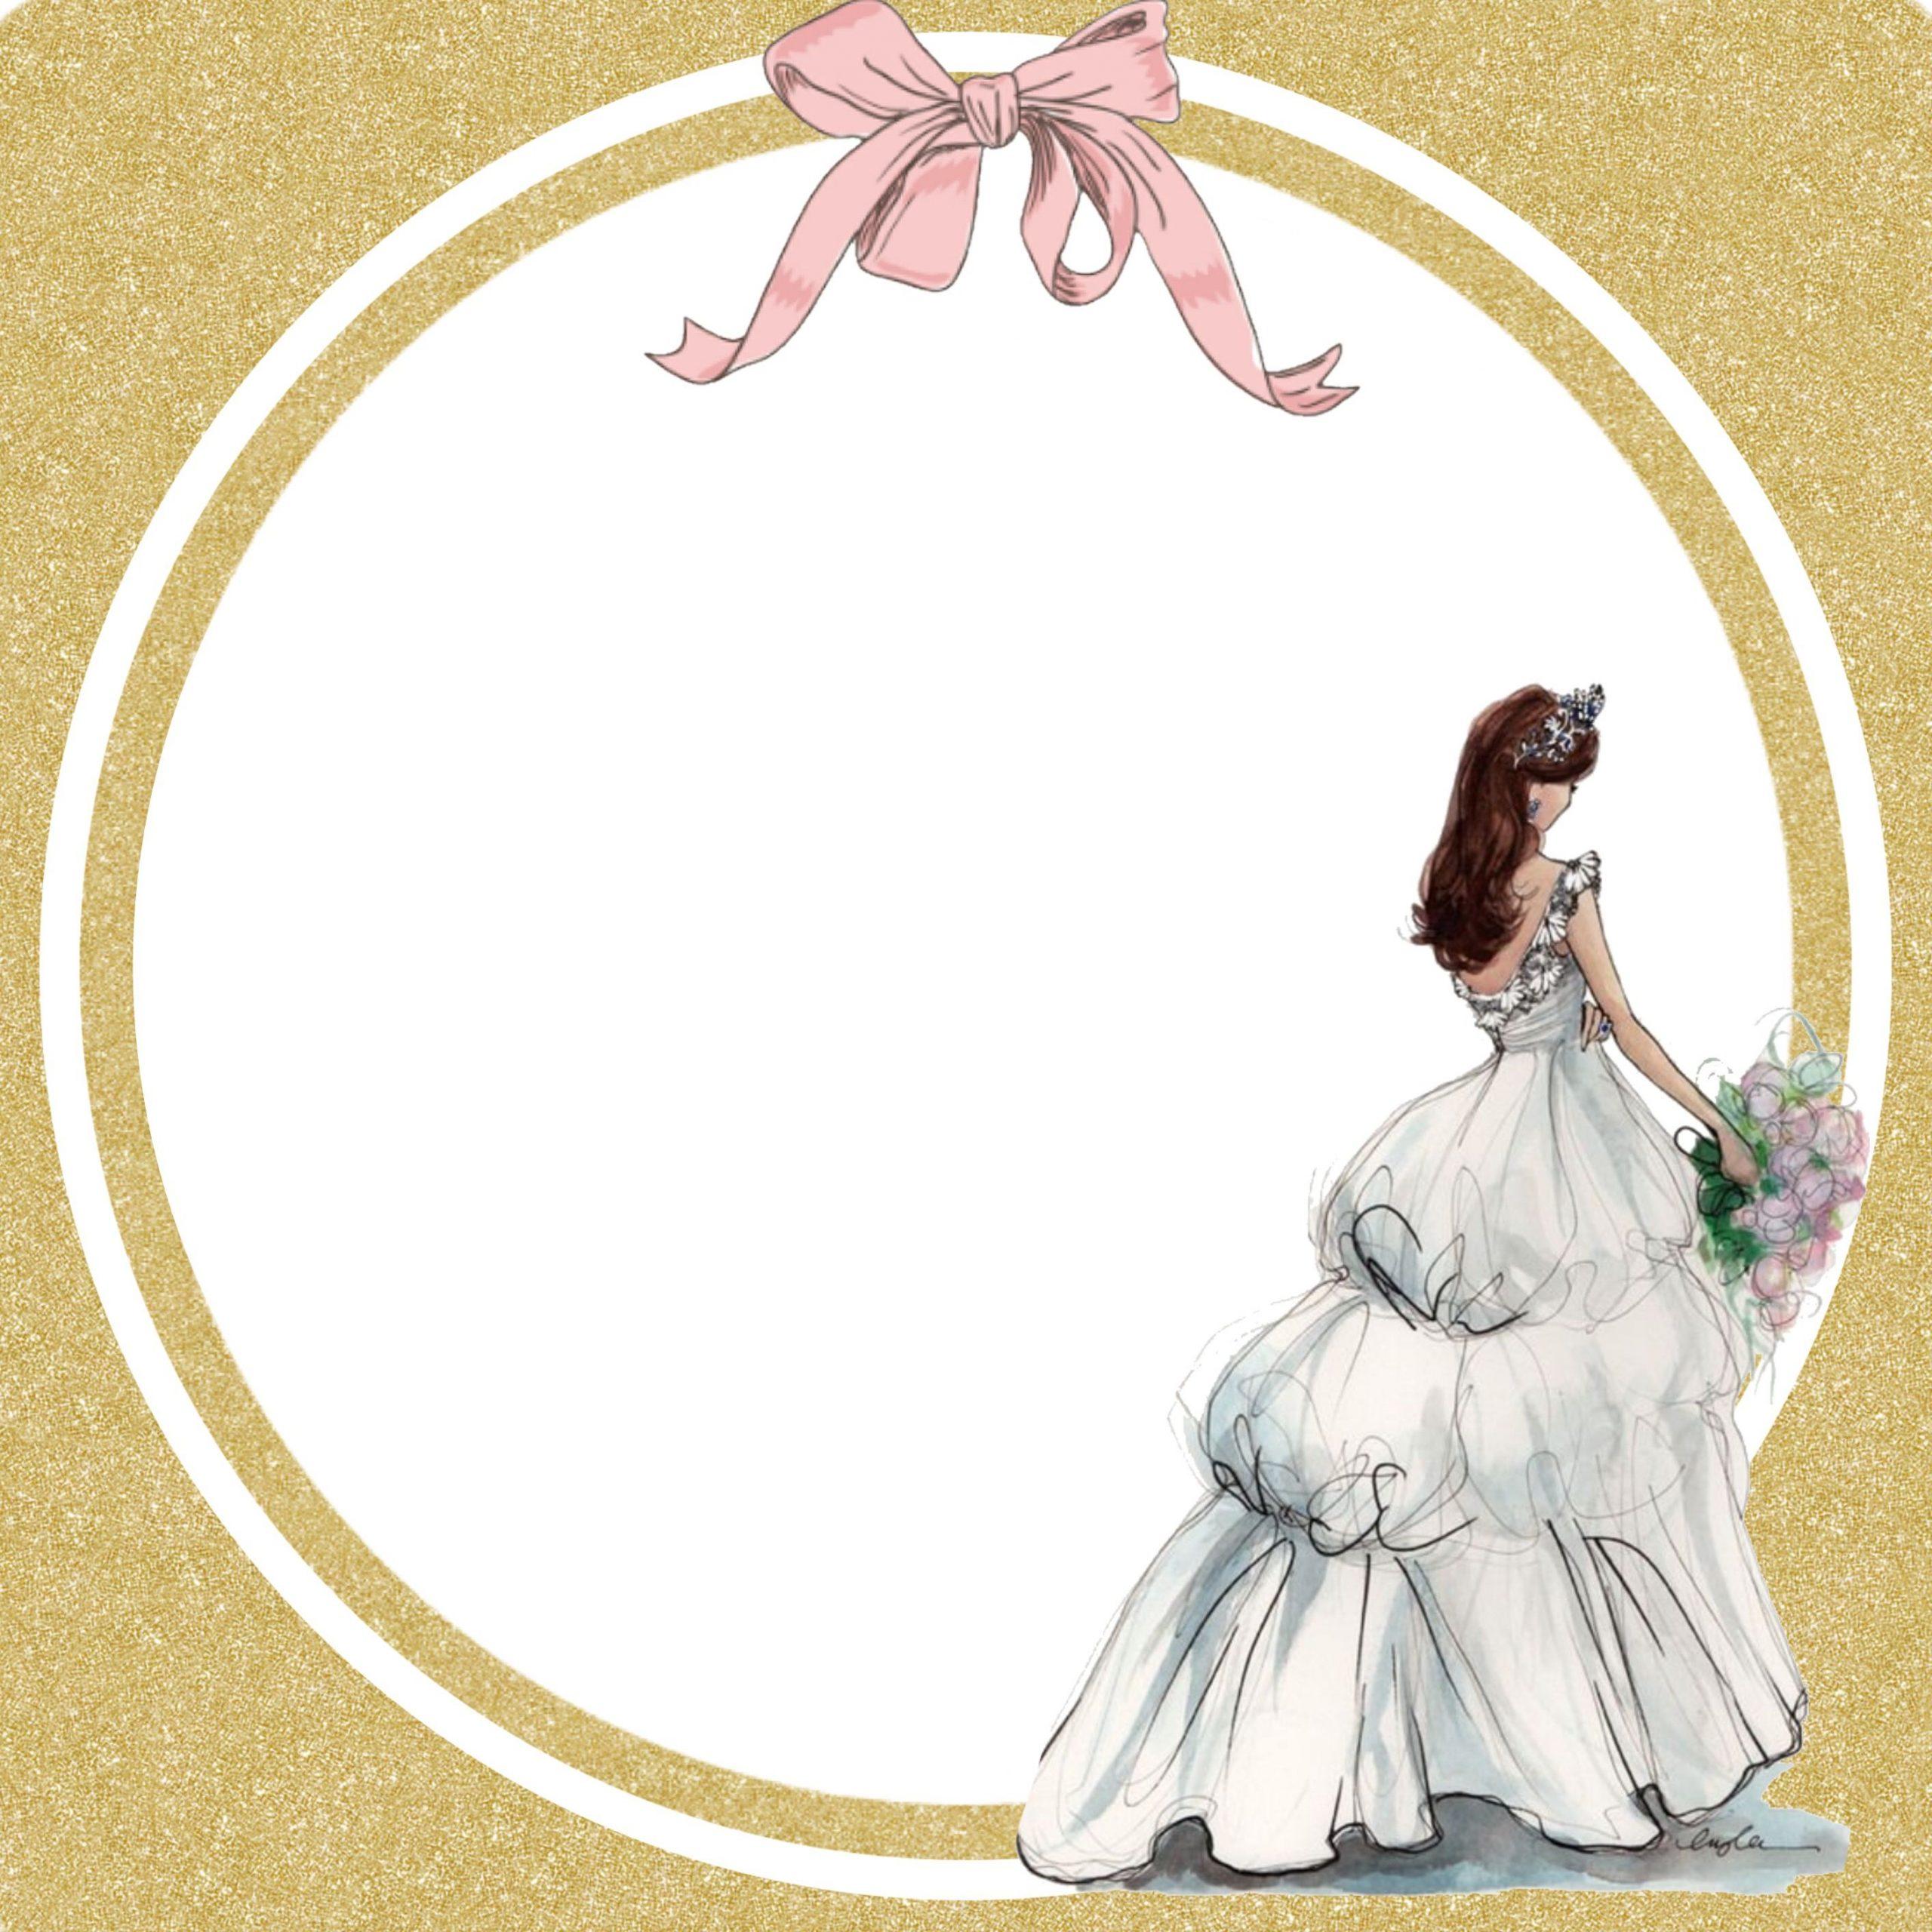 عقد قران ثيمات ملكة بدون اسماء